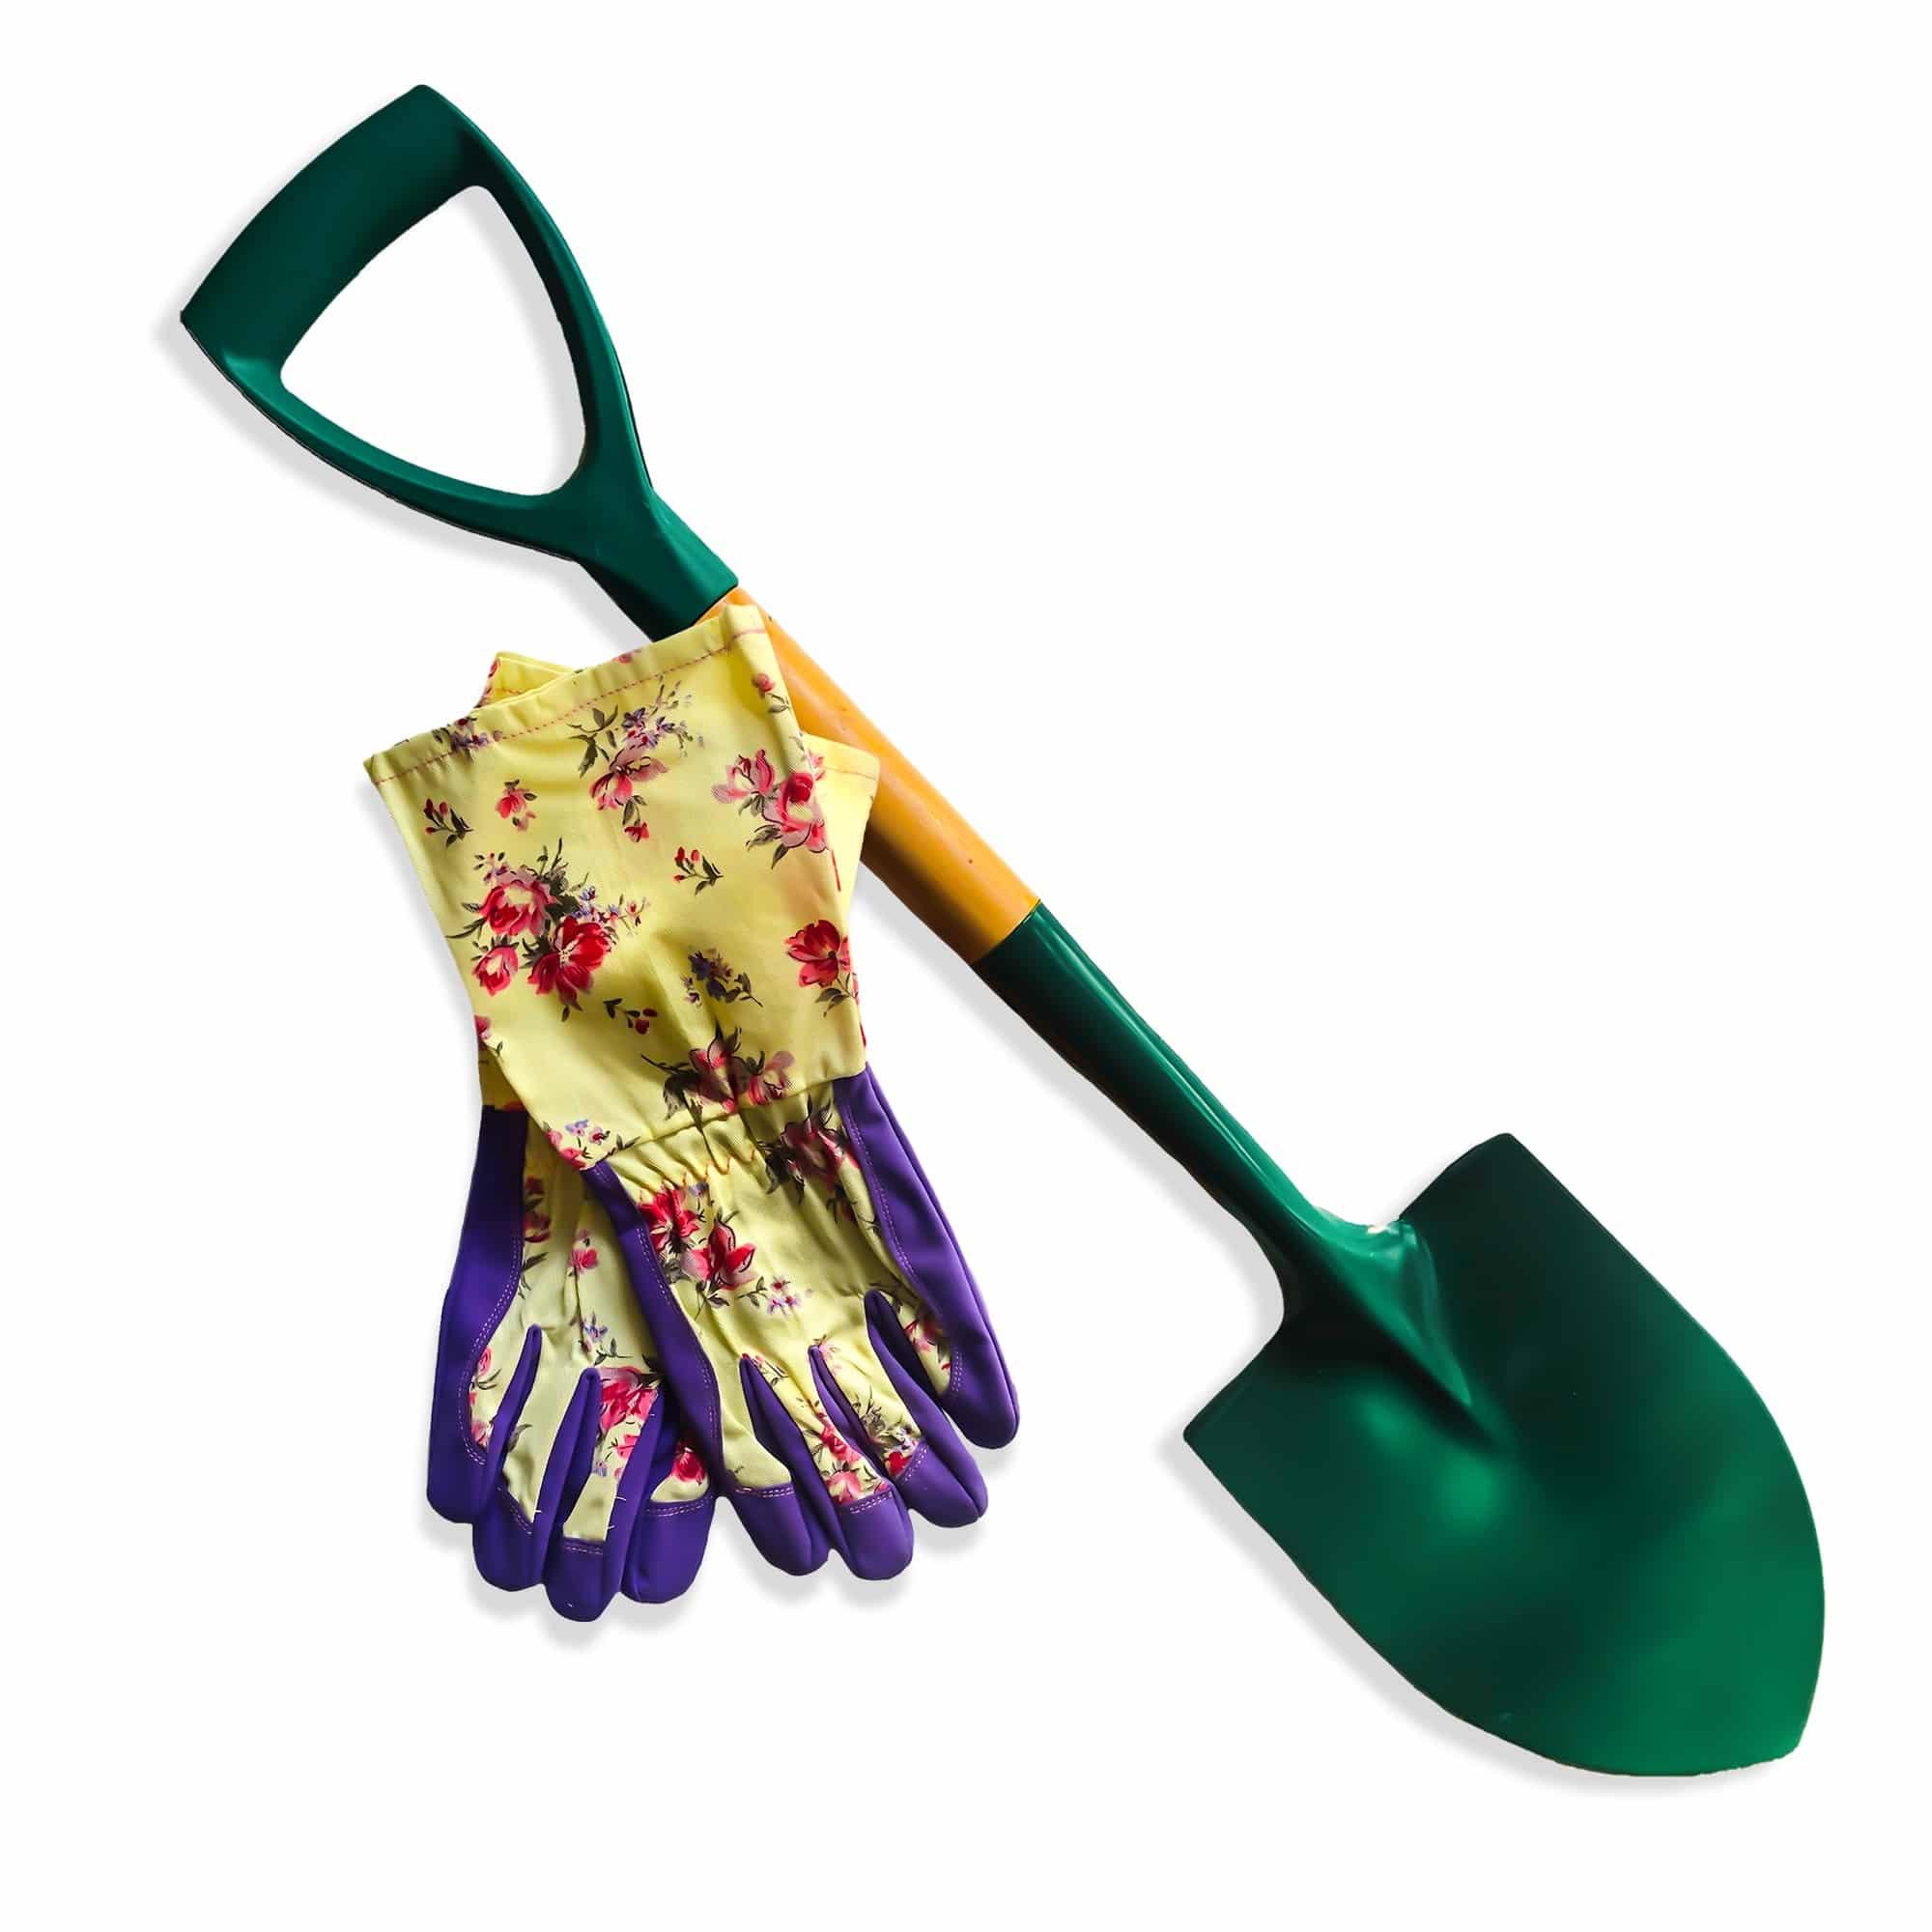 long-sleeve-flower-gloves-&-small-shovel-combo